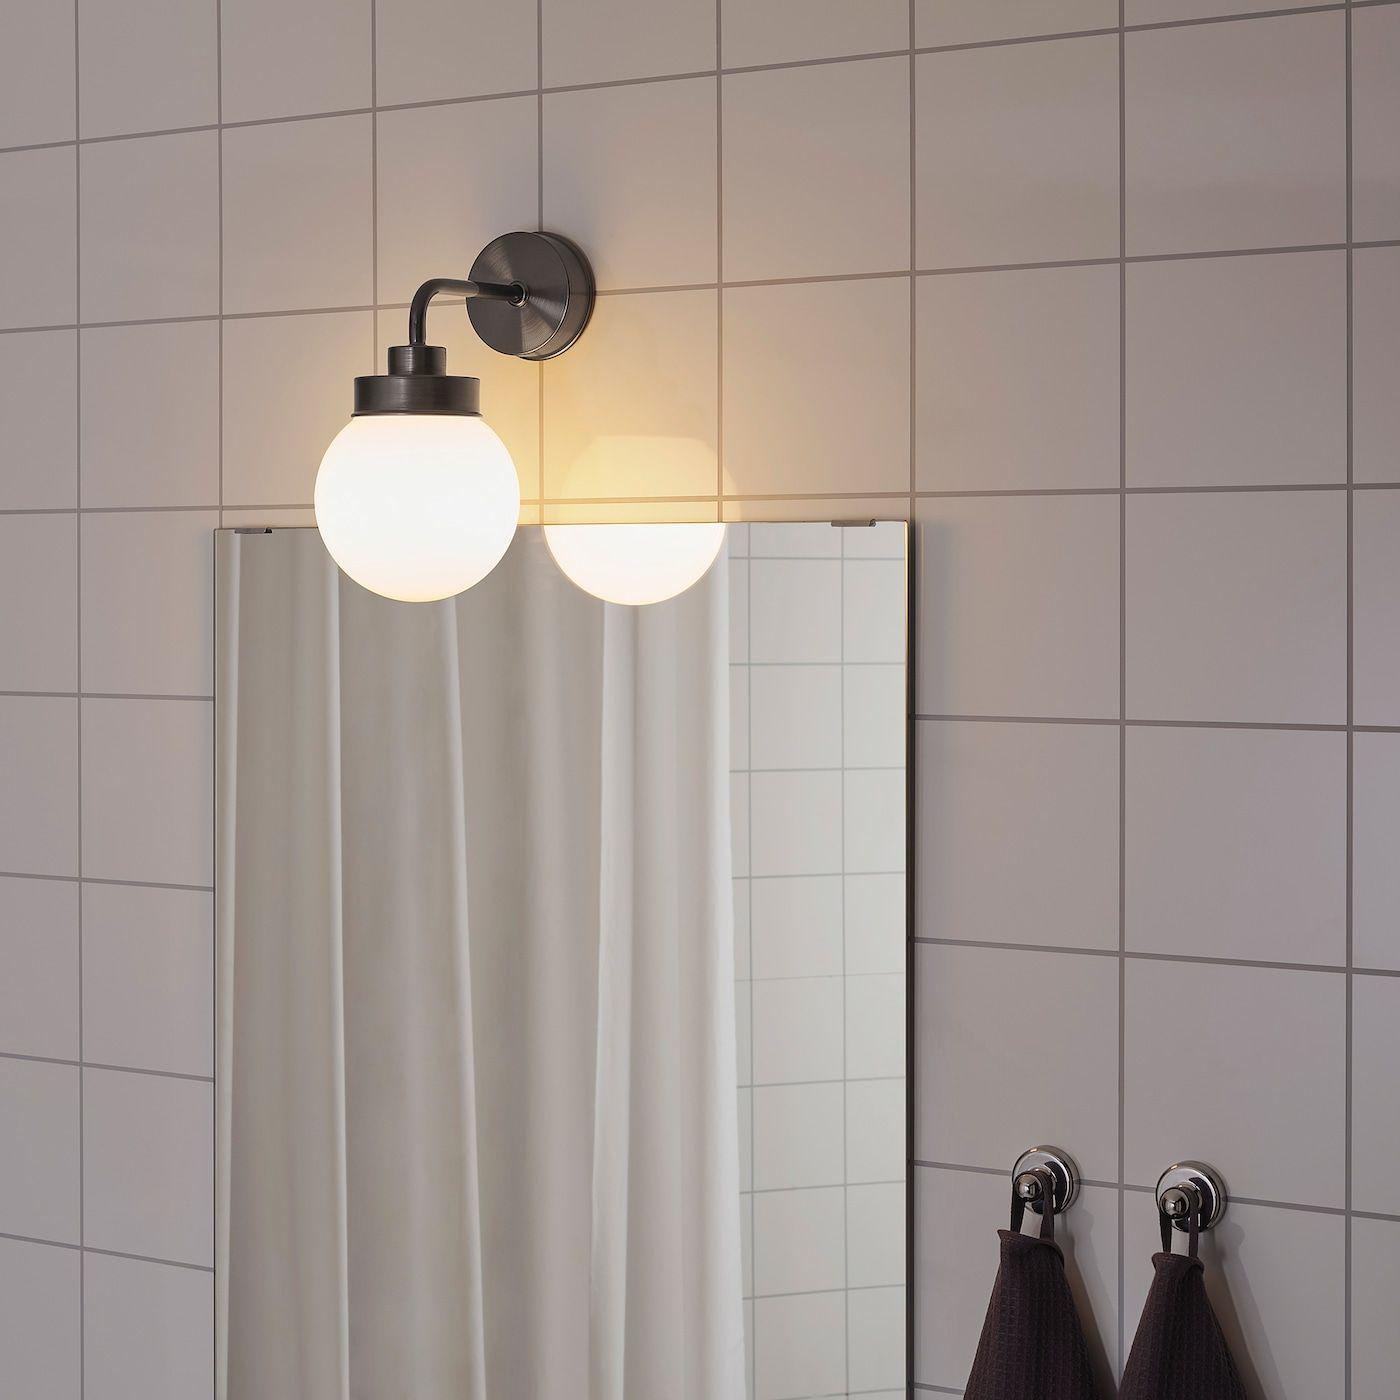 Https Www Ikea Com De De Images Products Frihult Wall Lamp Black